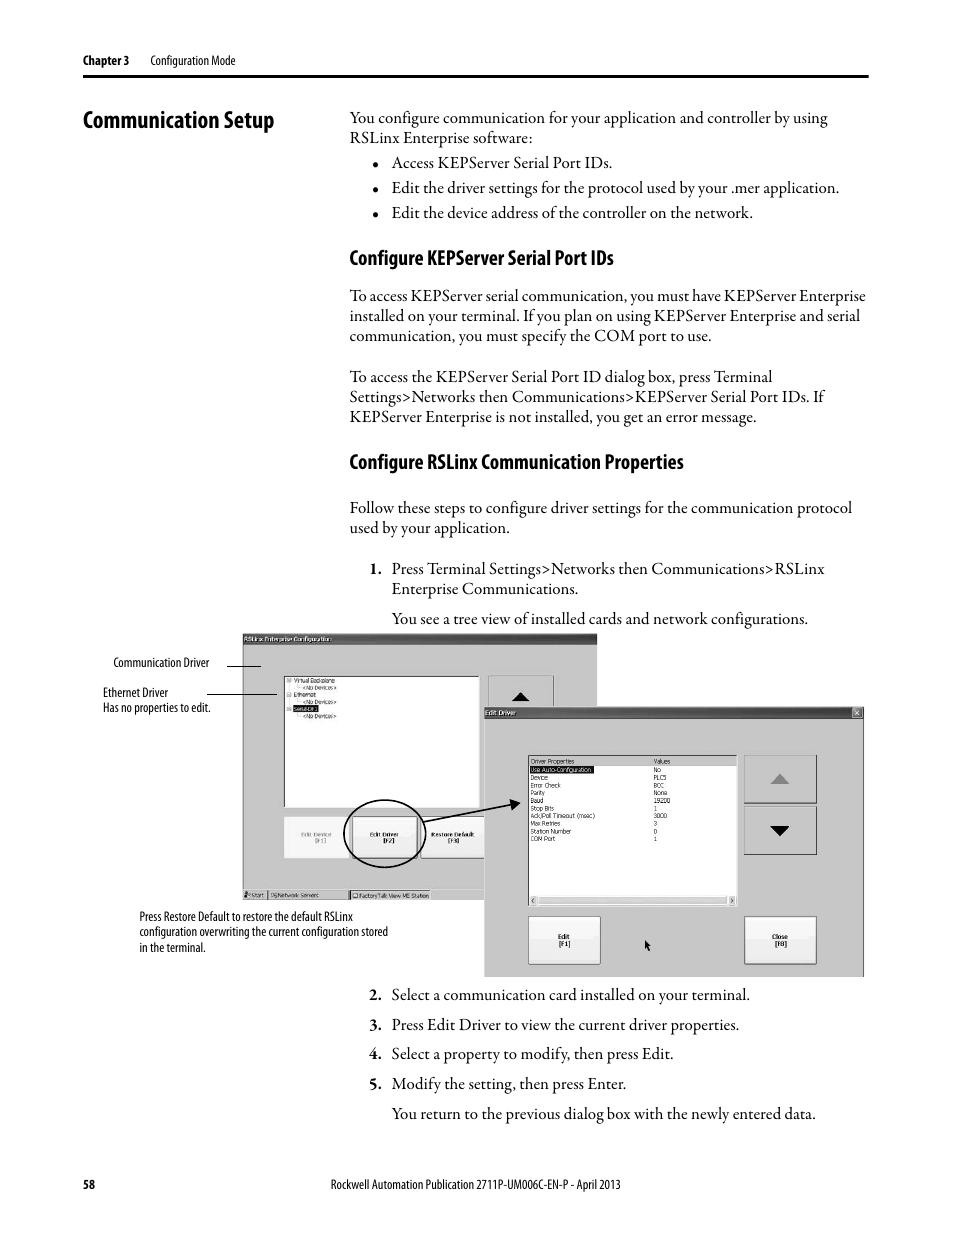 communication setup configure kepserver serial port ids configure rh manualsdir com RSLogix 5000 RSLinx Windows 7